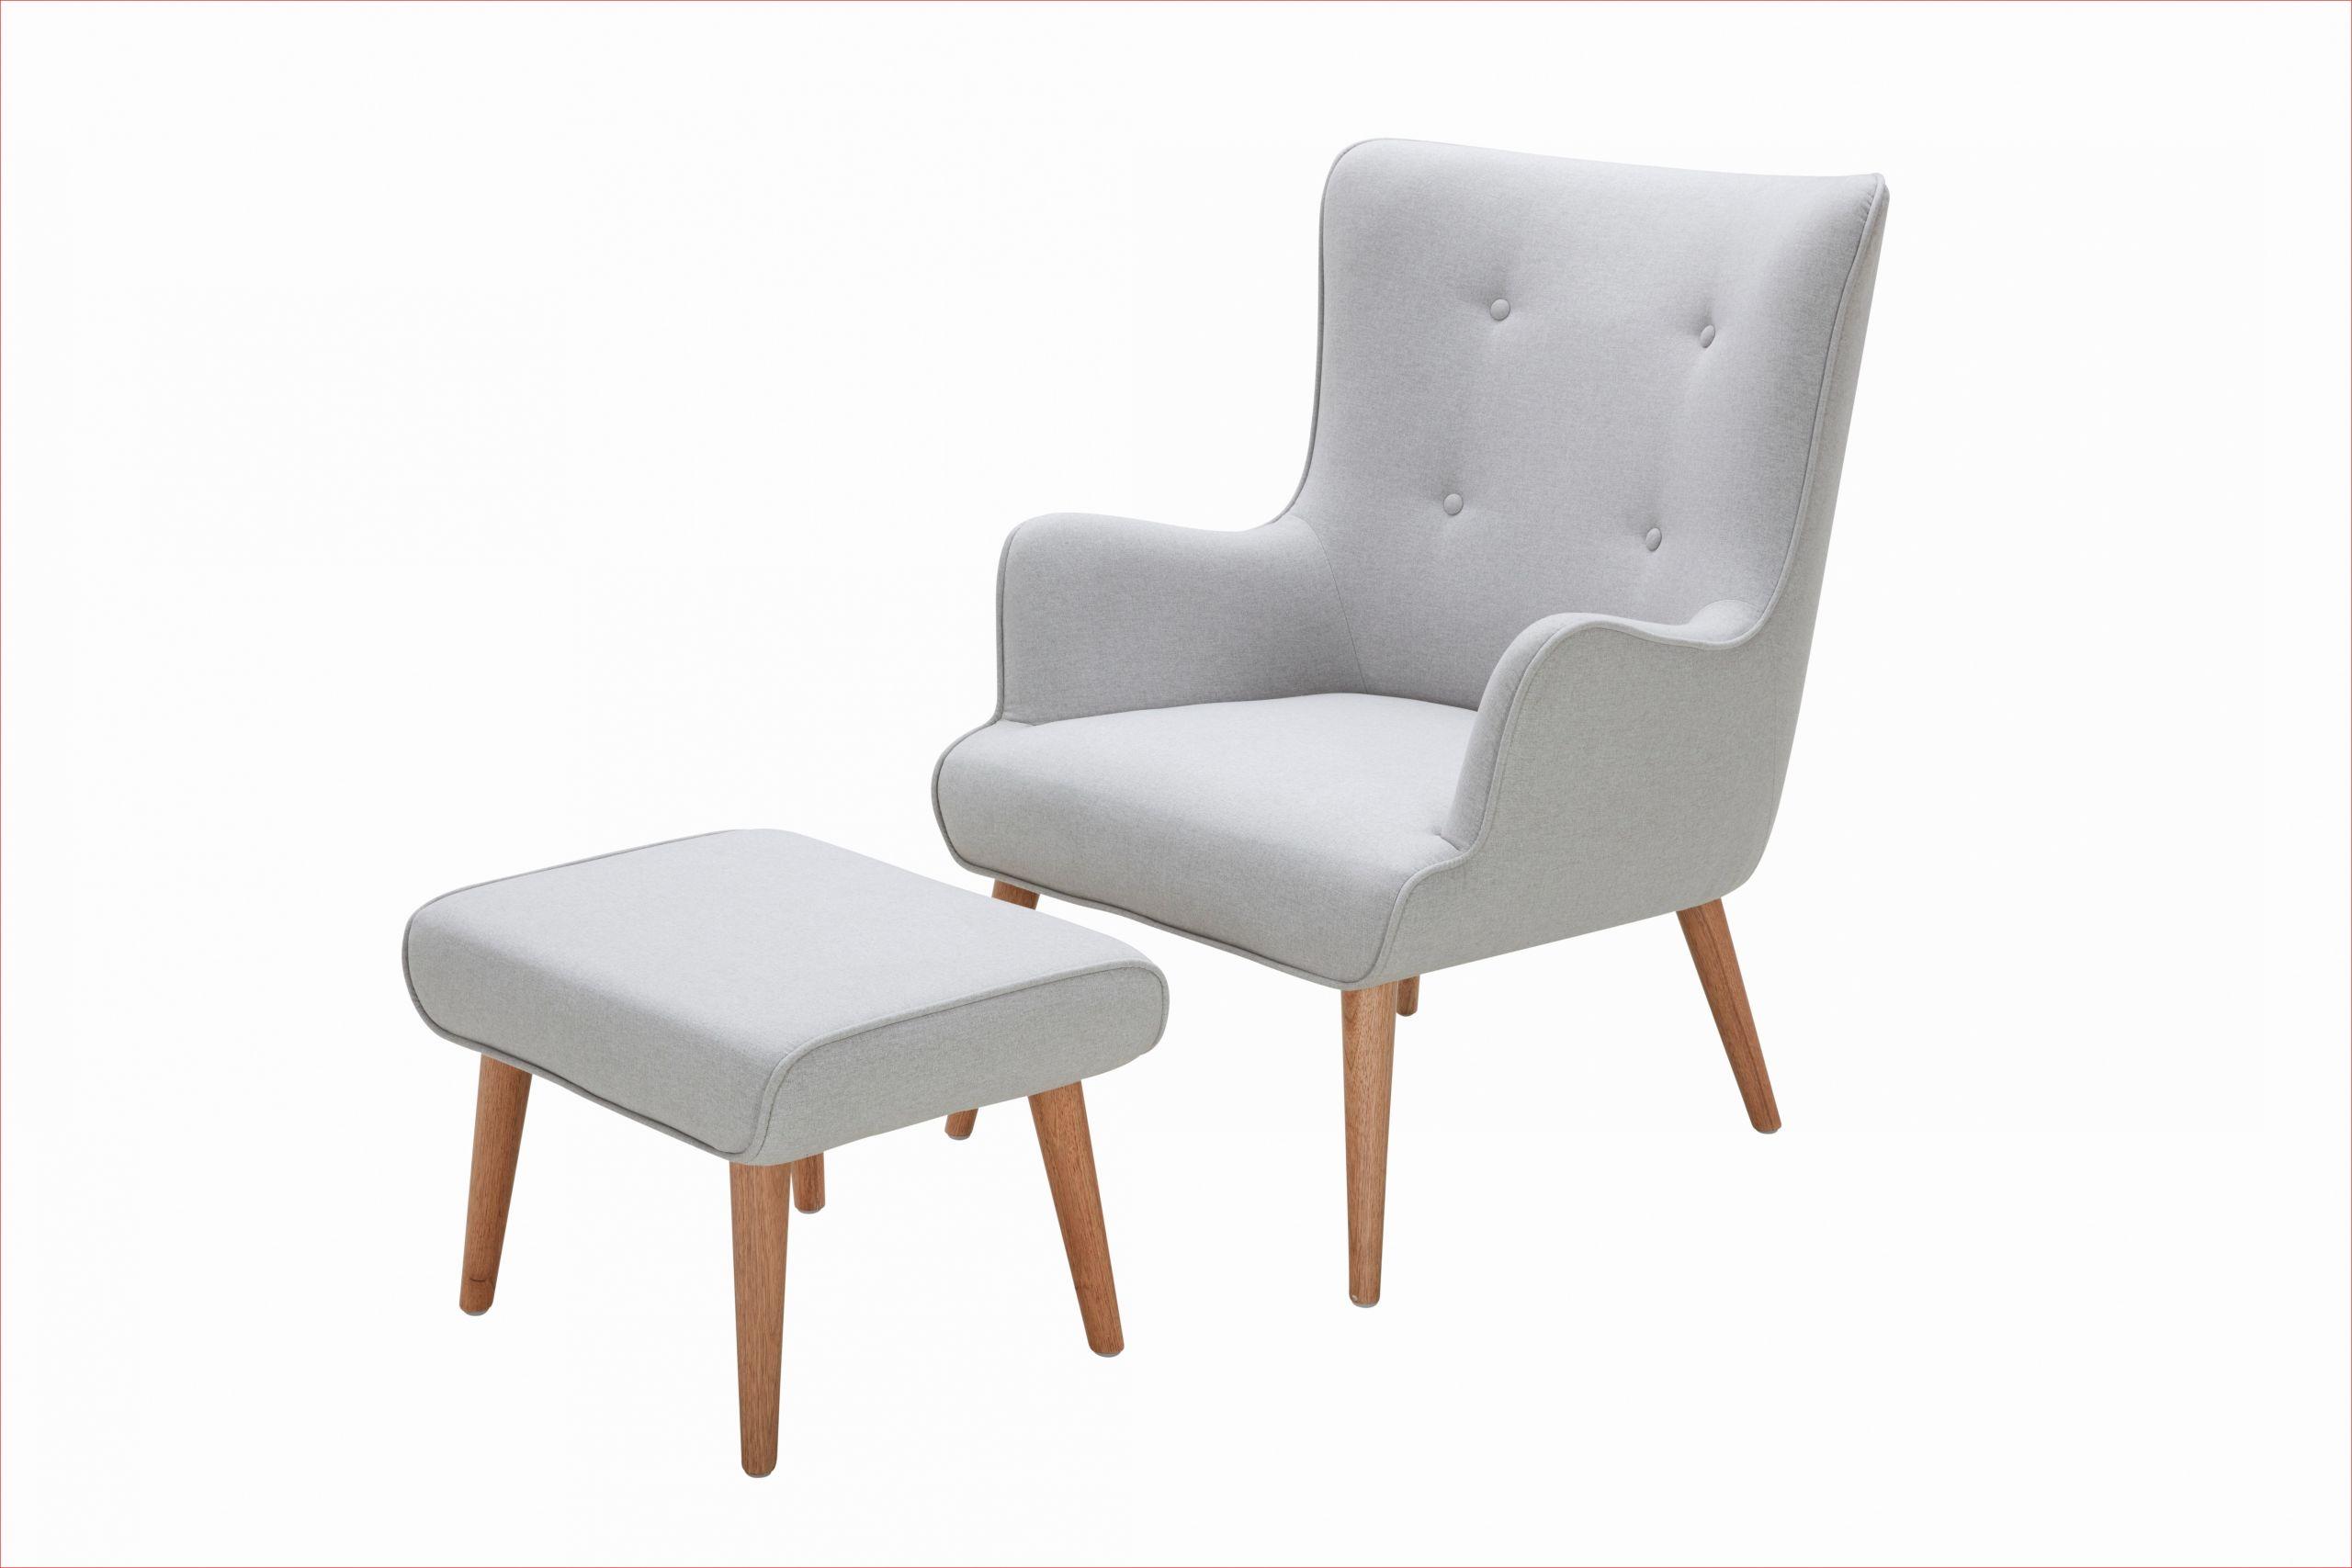 siege crapaud chaise vintage tissu fauteuil de table tissu frais fauteuil salon 0d of siege crapaud